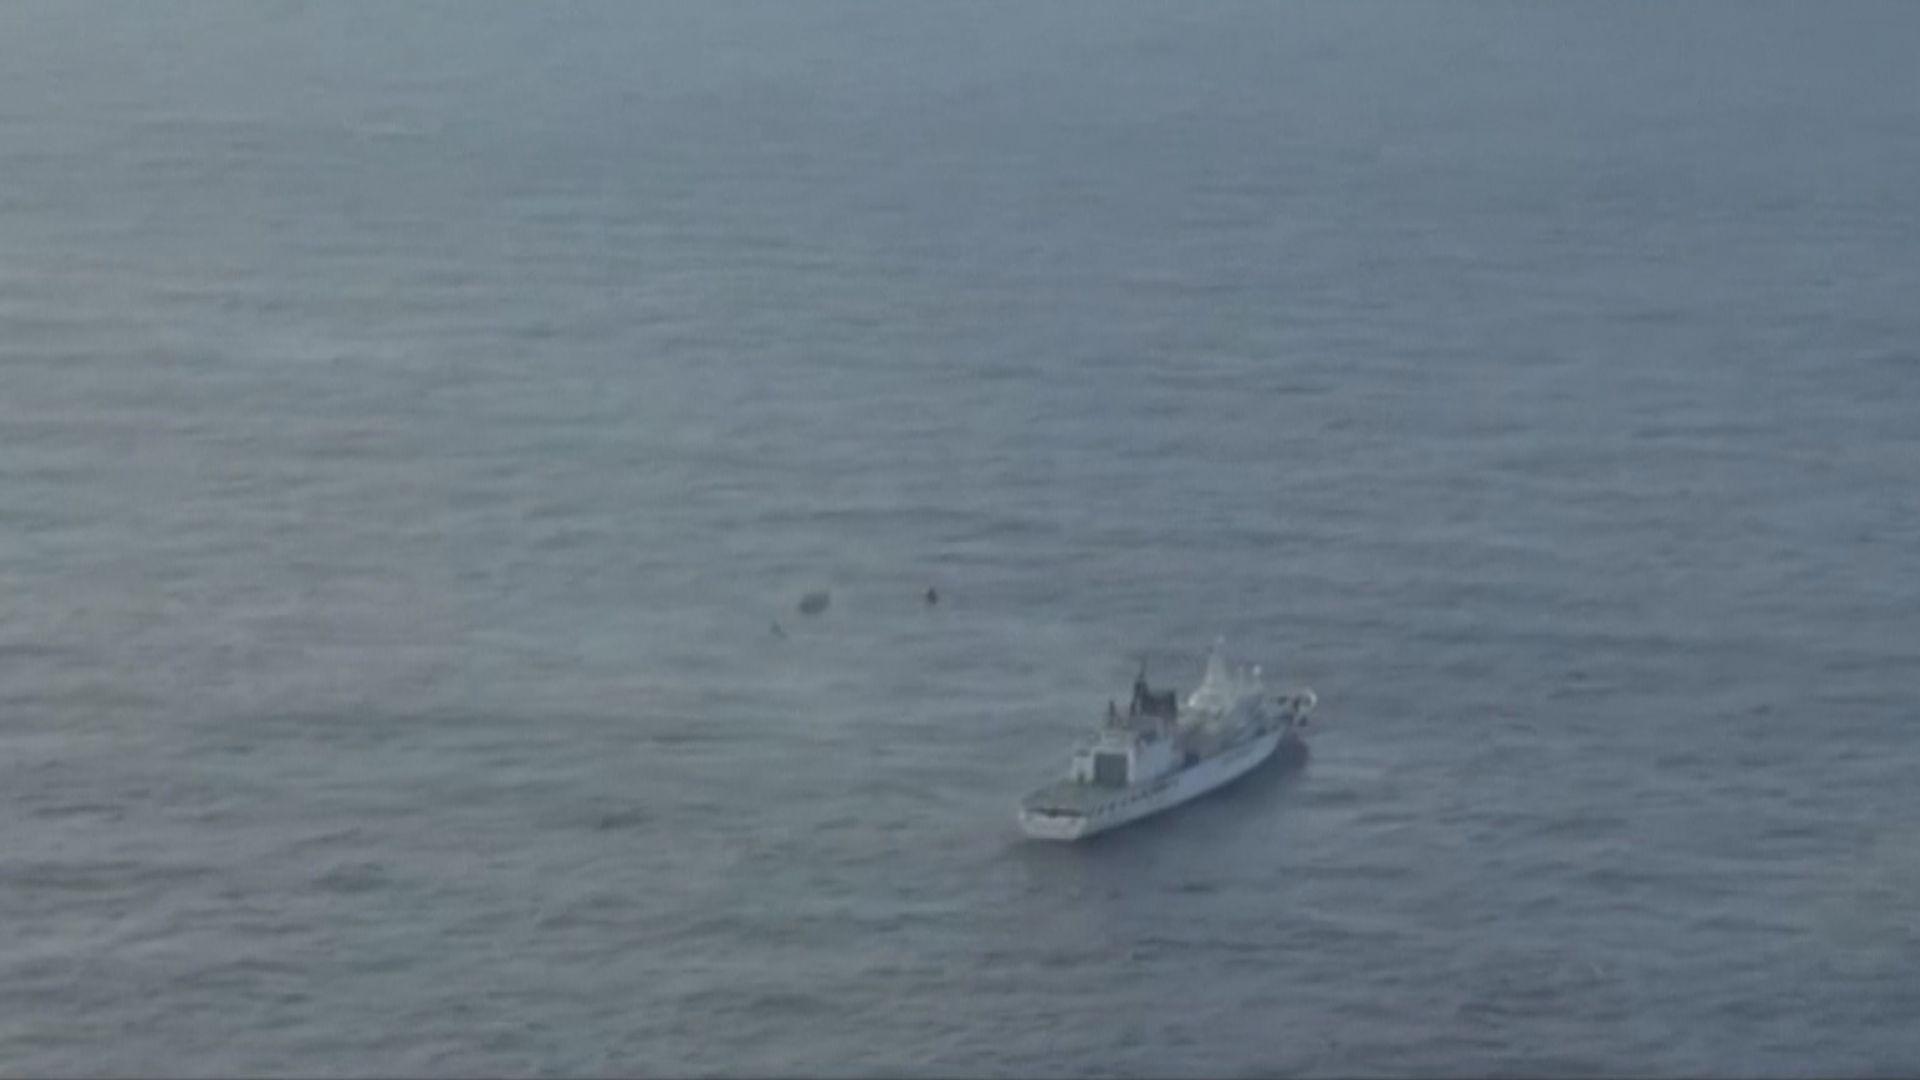 南韓強烈譴責日本巡邏機低飛接近軍艦